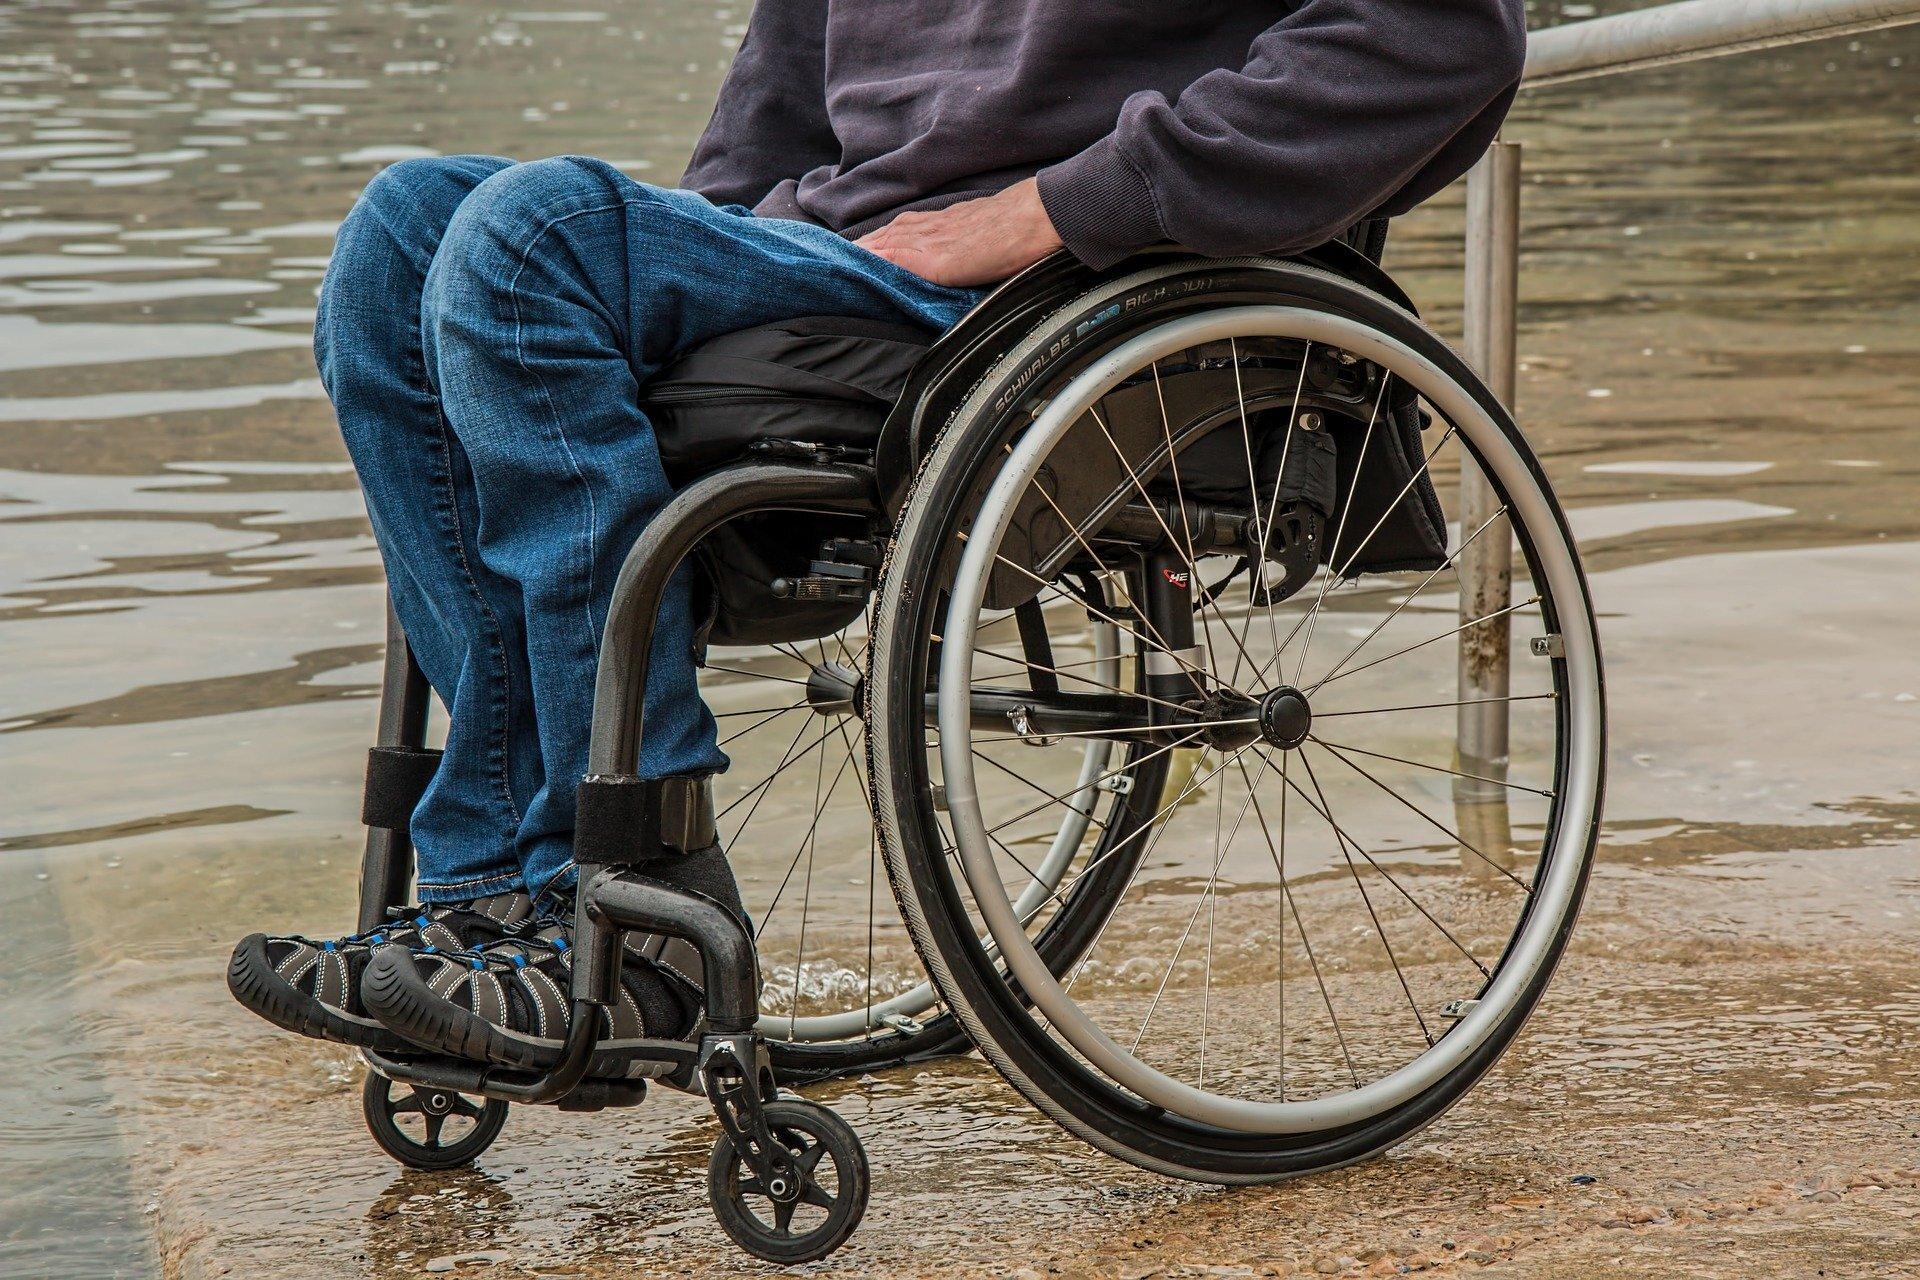 Akute Erkrankungen und Verletzungen erhöhen Senioren die Gefahr von schweren Behinderungen